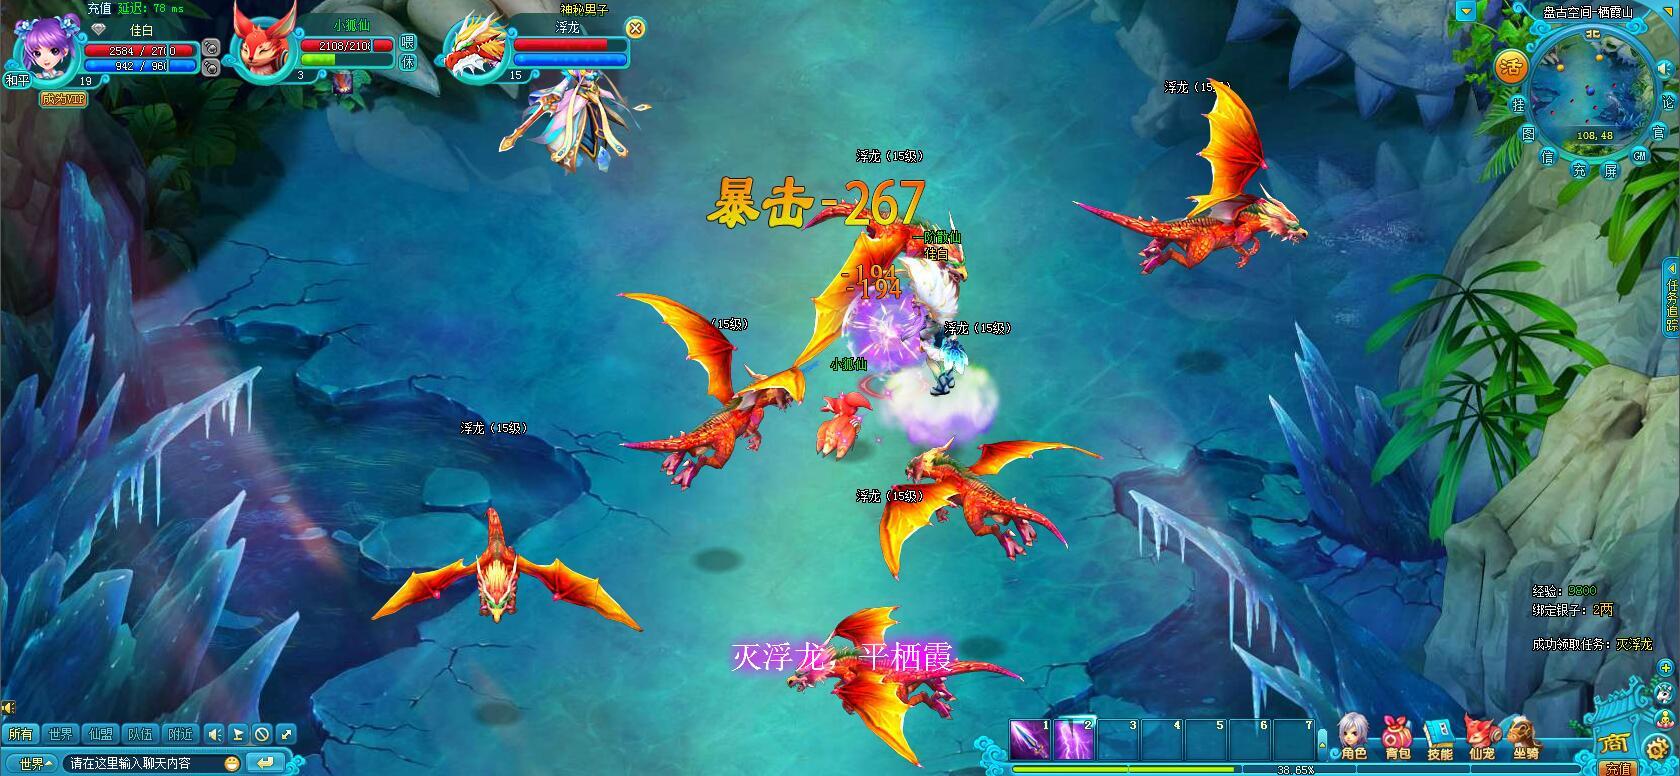 江湖无双游戏截图1